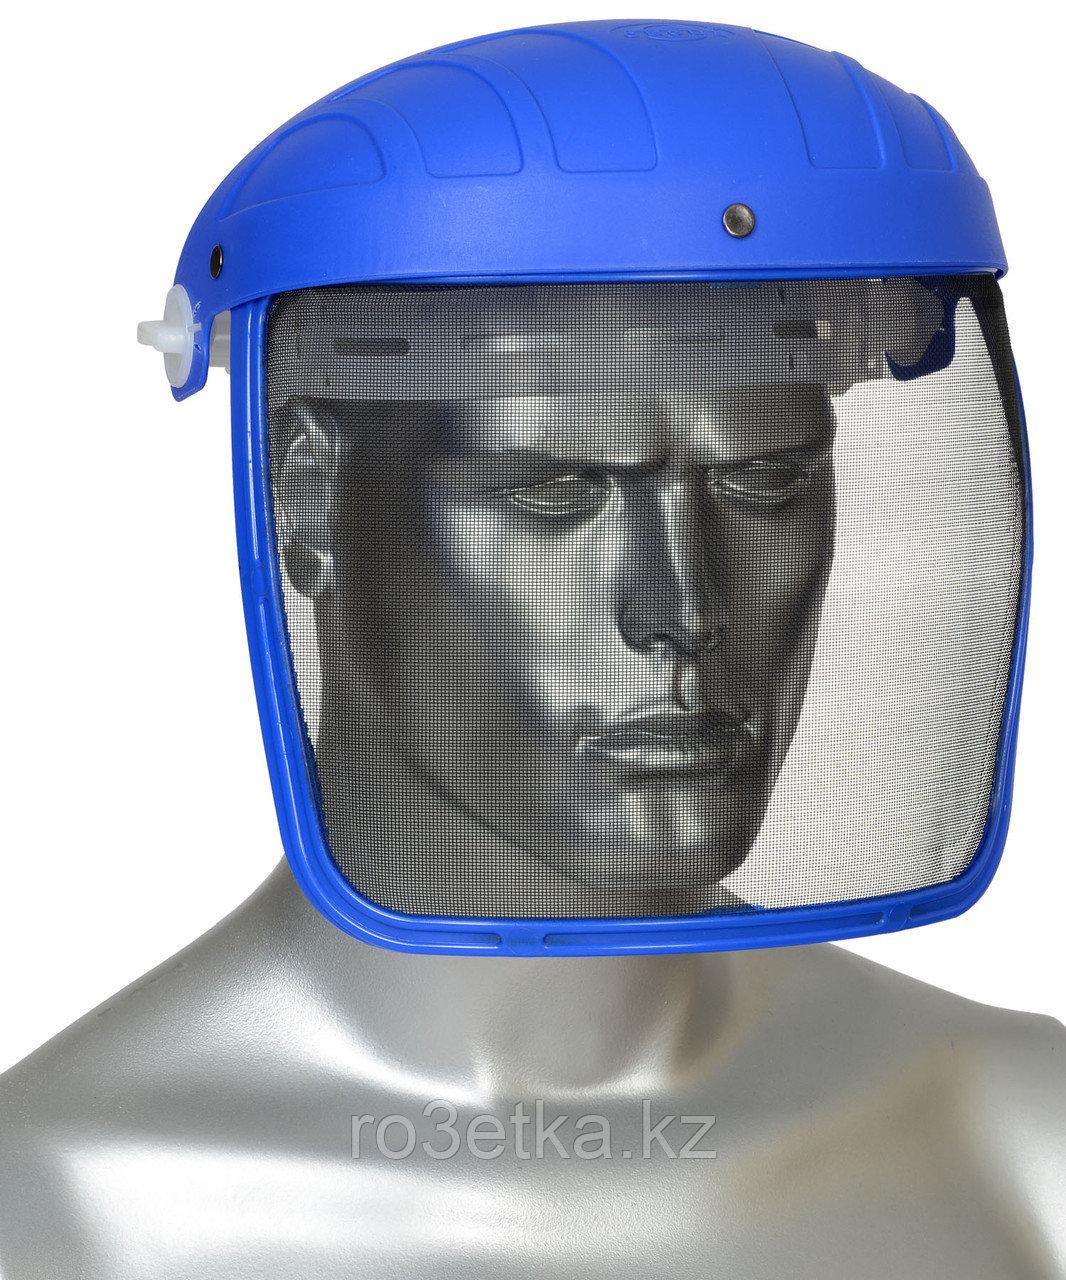 Щиток защитный НС-01 Люкс (мелкоячеистая металлическая сетка)